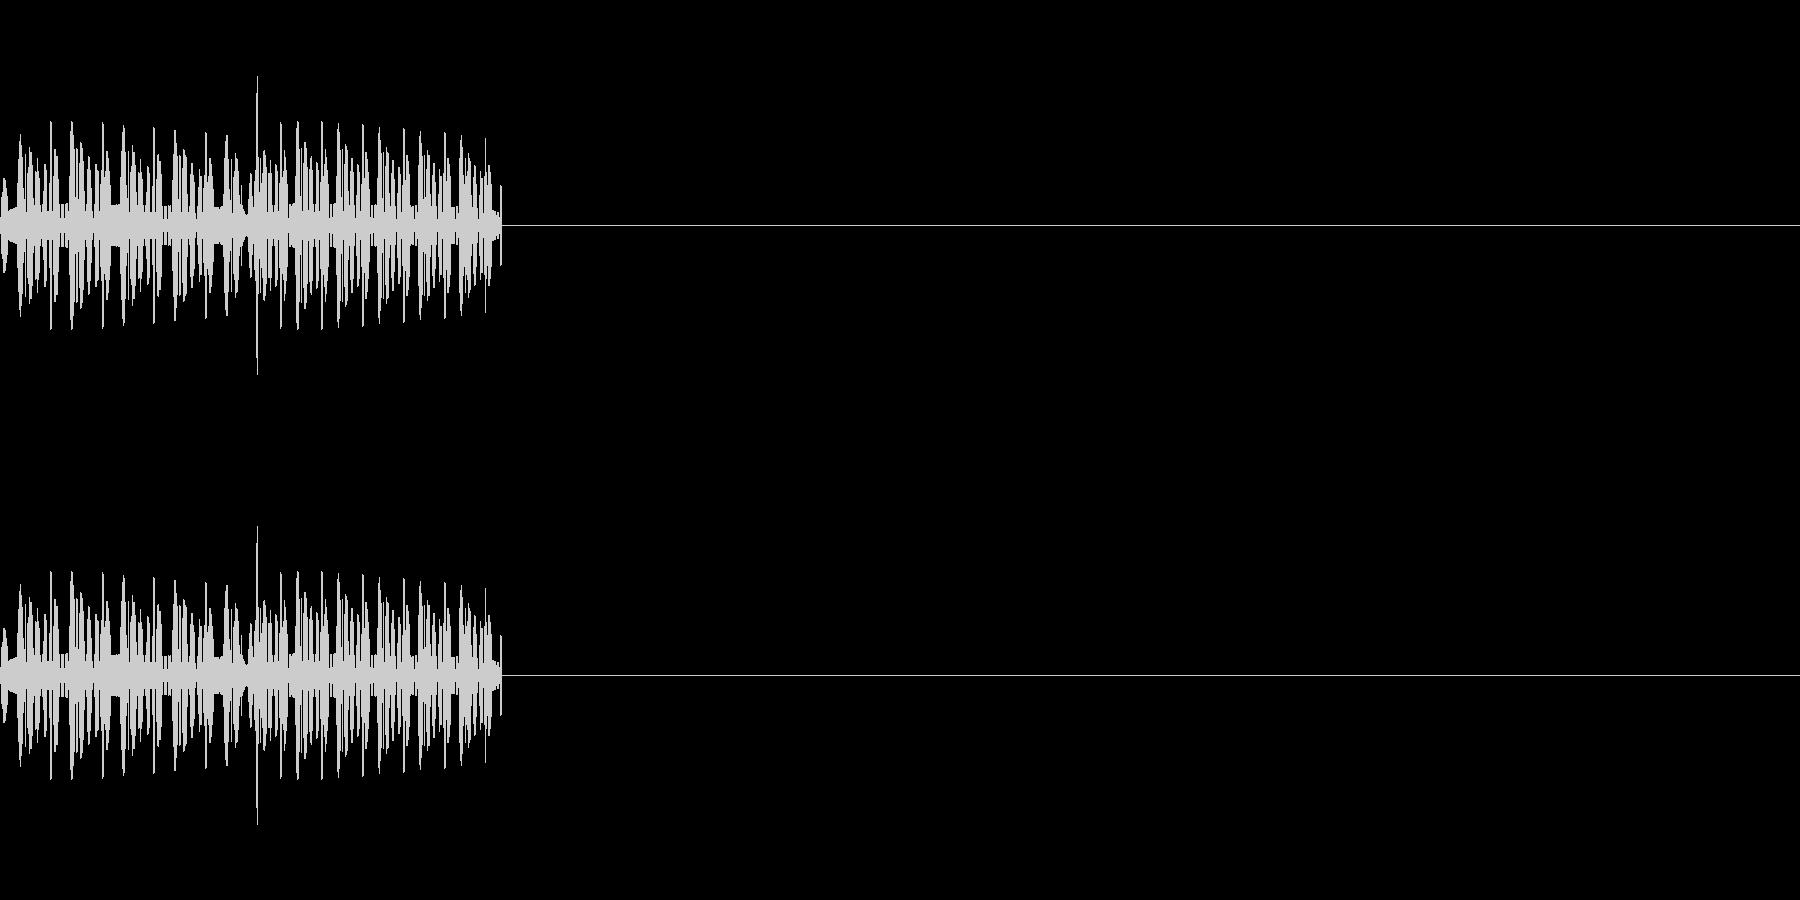 「ピロ」「ビロ」レトロゲーム風攻撃音の未再生の波形